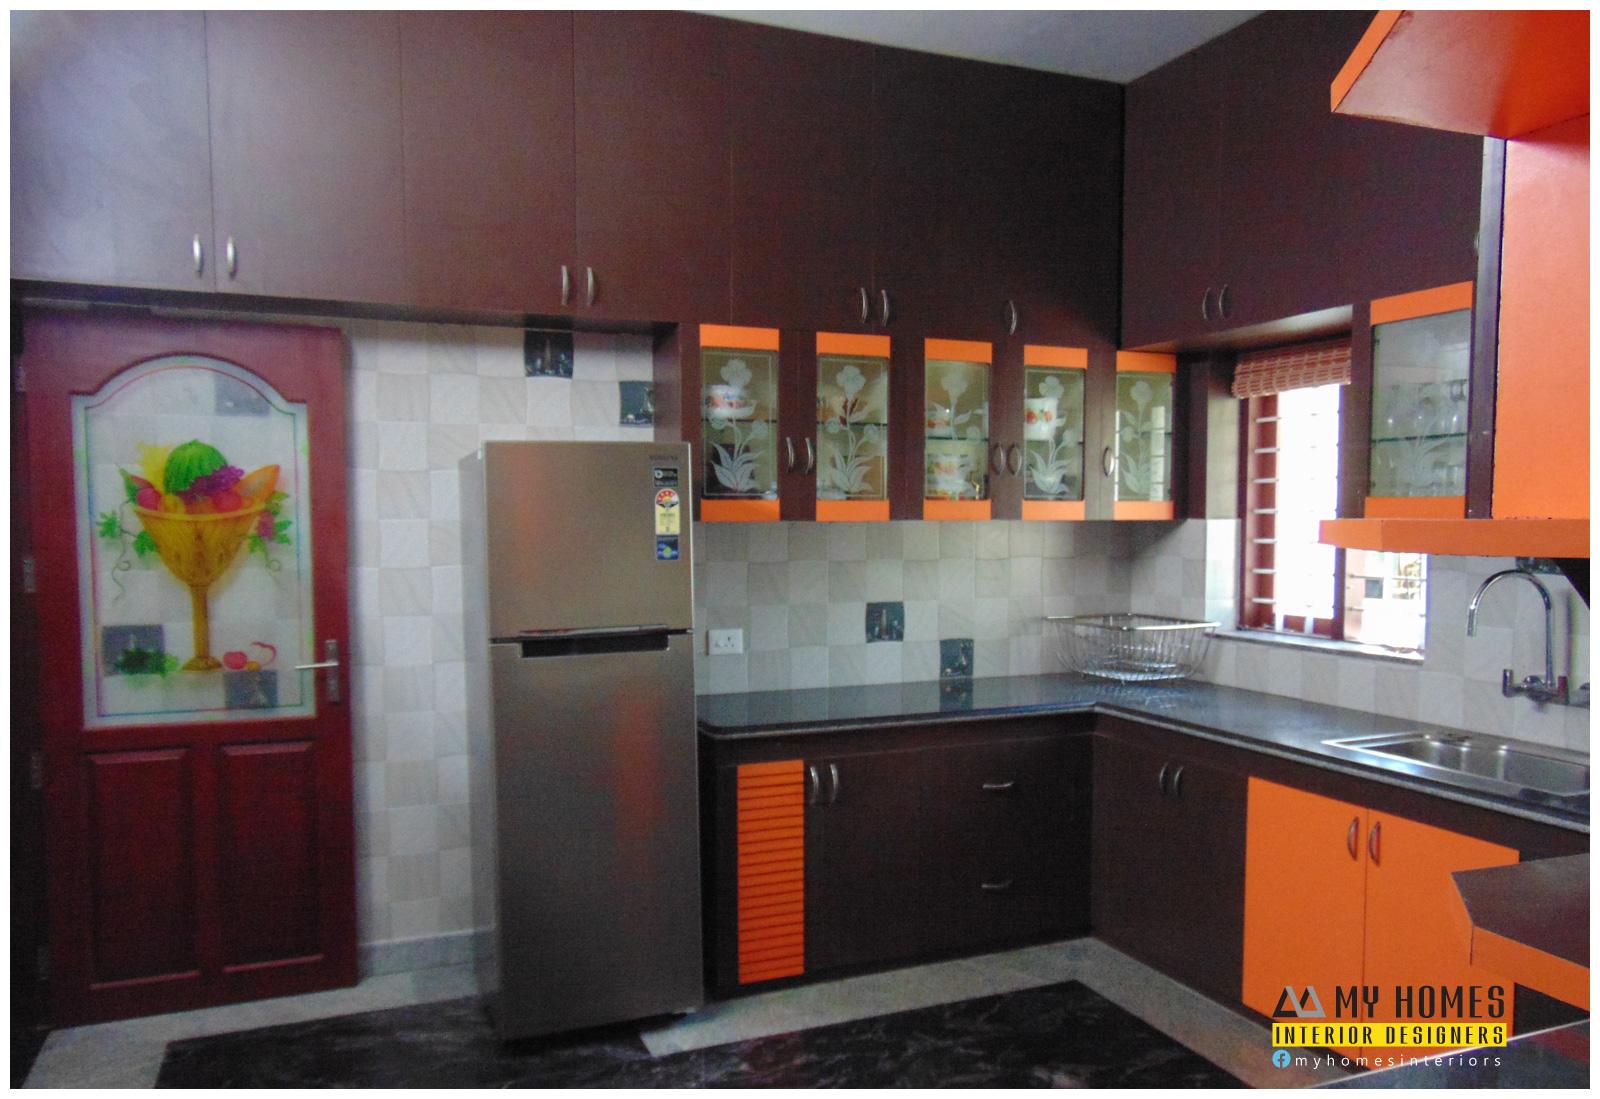 Kerala Kitchen Designs From Top Interior Designers Thrissur